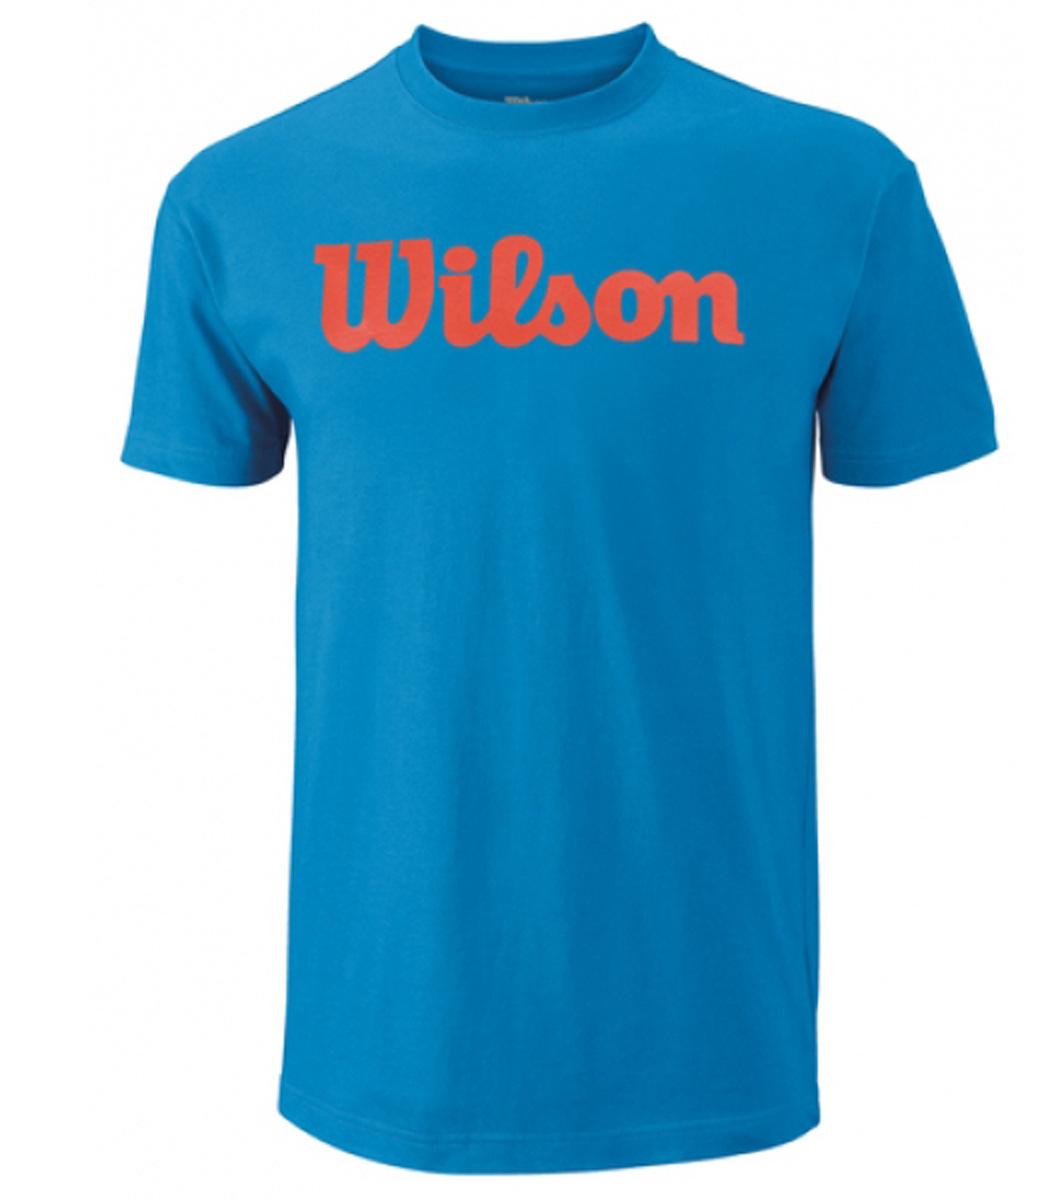 Футболка для тенниса мужская Wilson Script Cotton Tee, цвет: голубой. WRA747803. Размер L (52)WRA747803Тренировочная футболка с логотипом Wilson. Спортивный крой для оптимального комфорта. Модель выполнена с круглой горловиной и короткими рукавами.